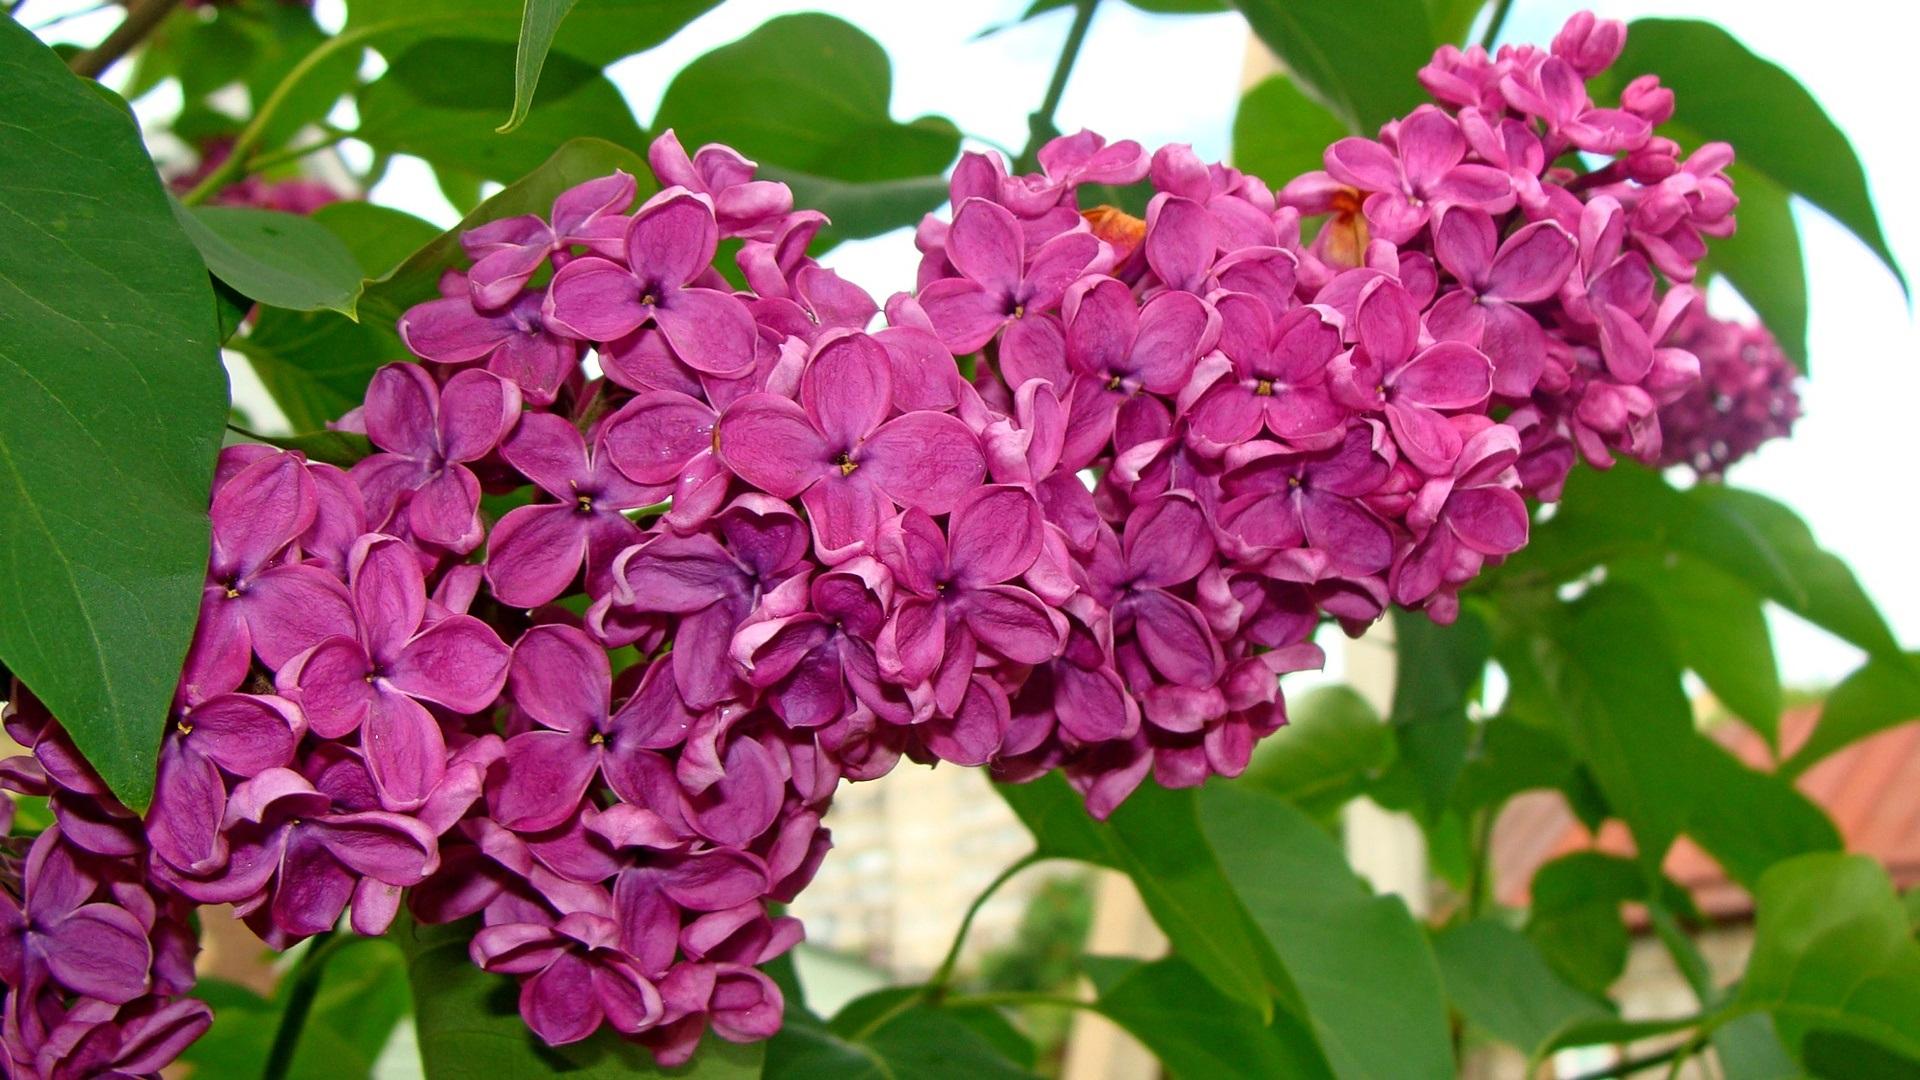 Wallpaper Beautiful Lilac Flowers Purple 1920x1080 Full Hd 2k